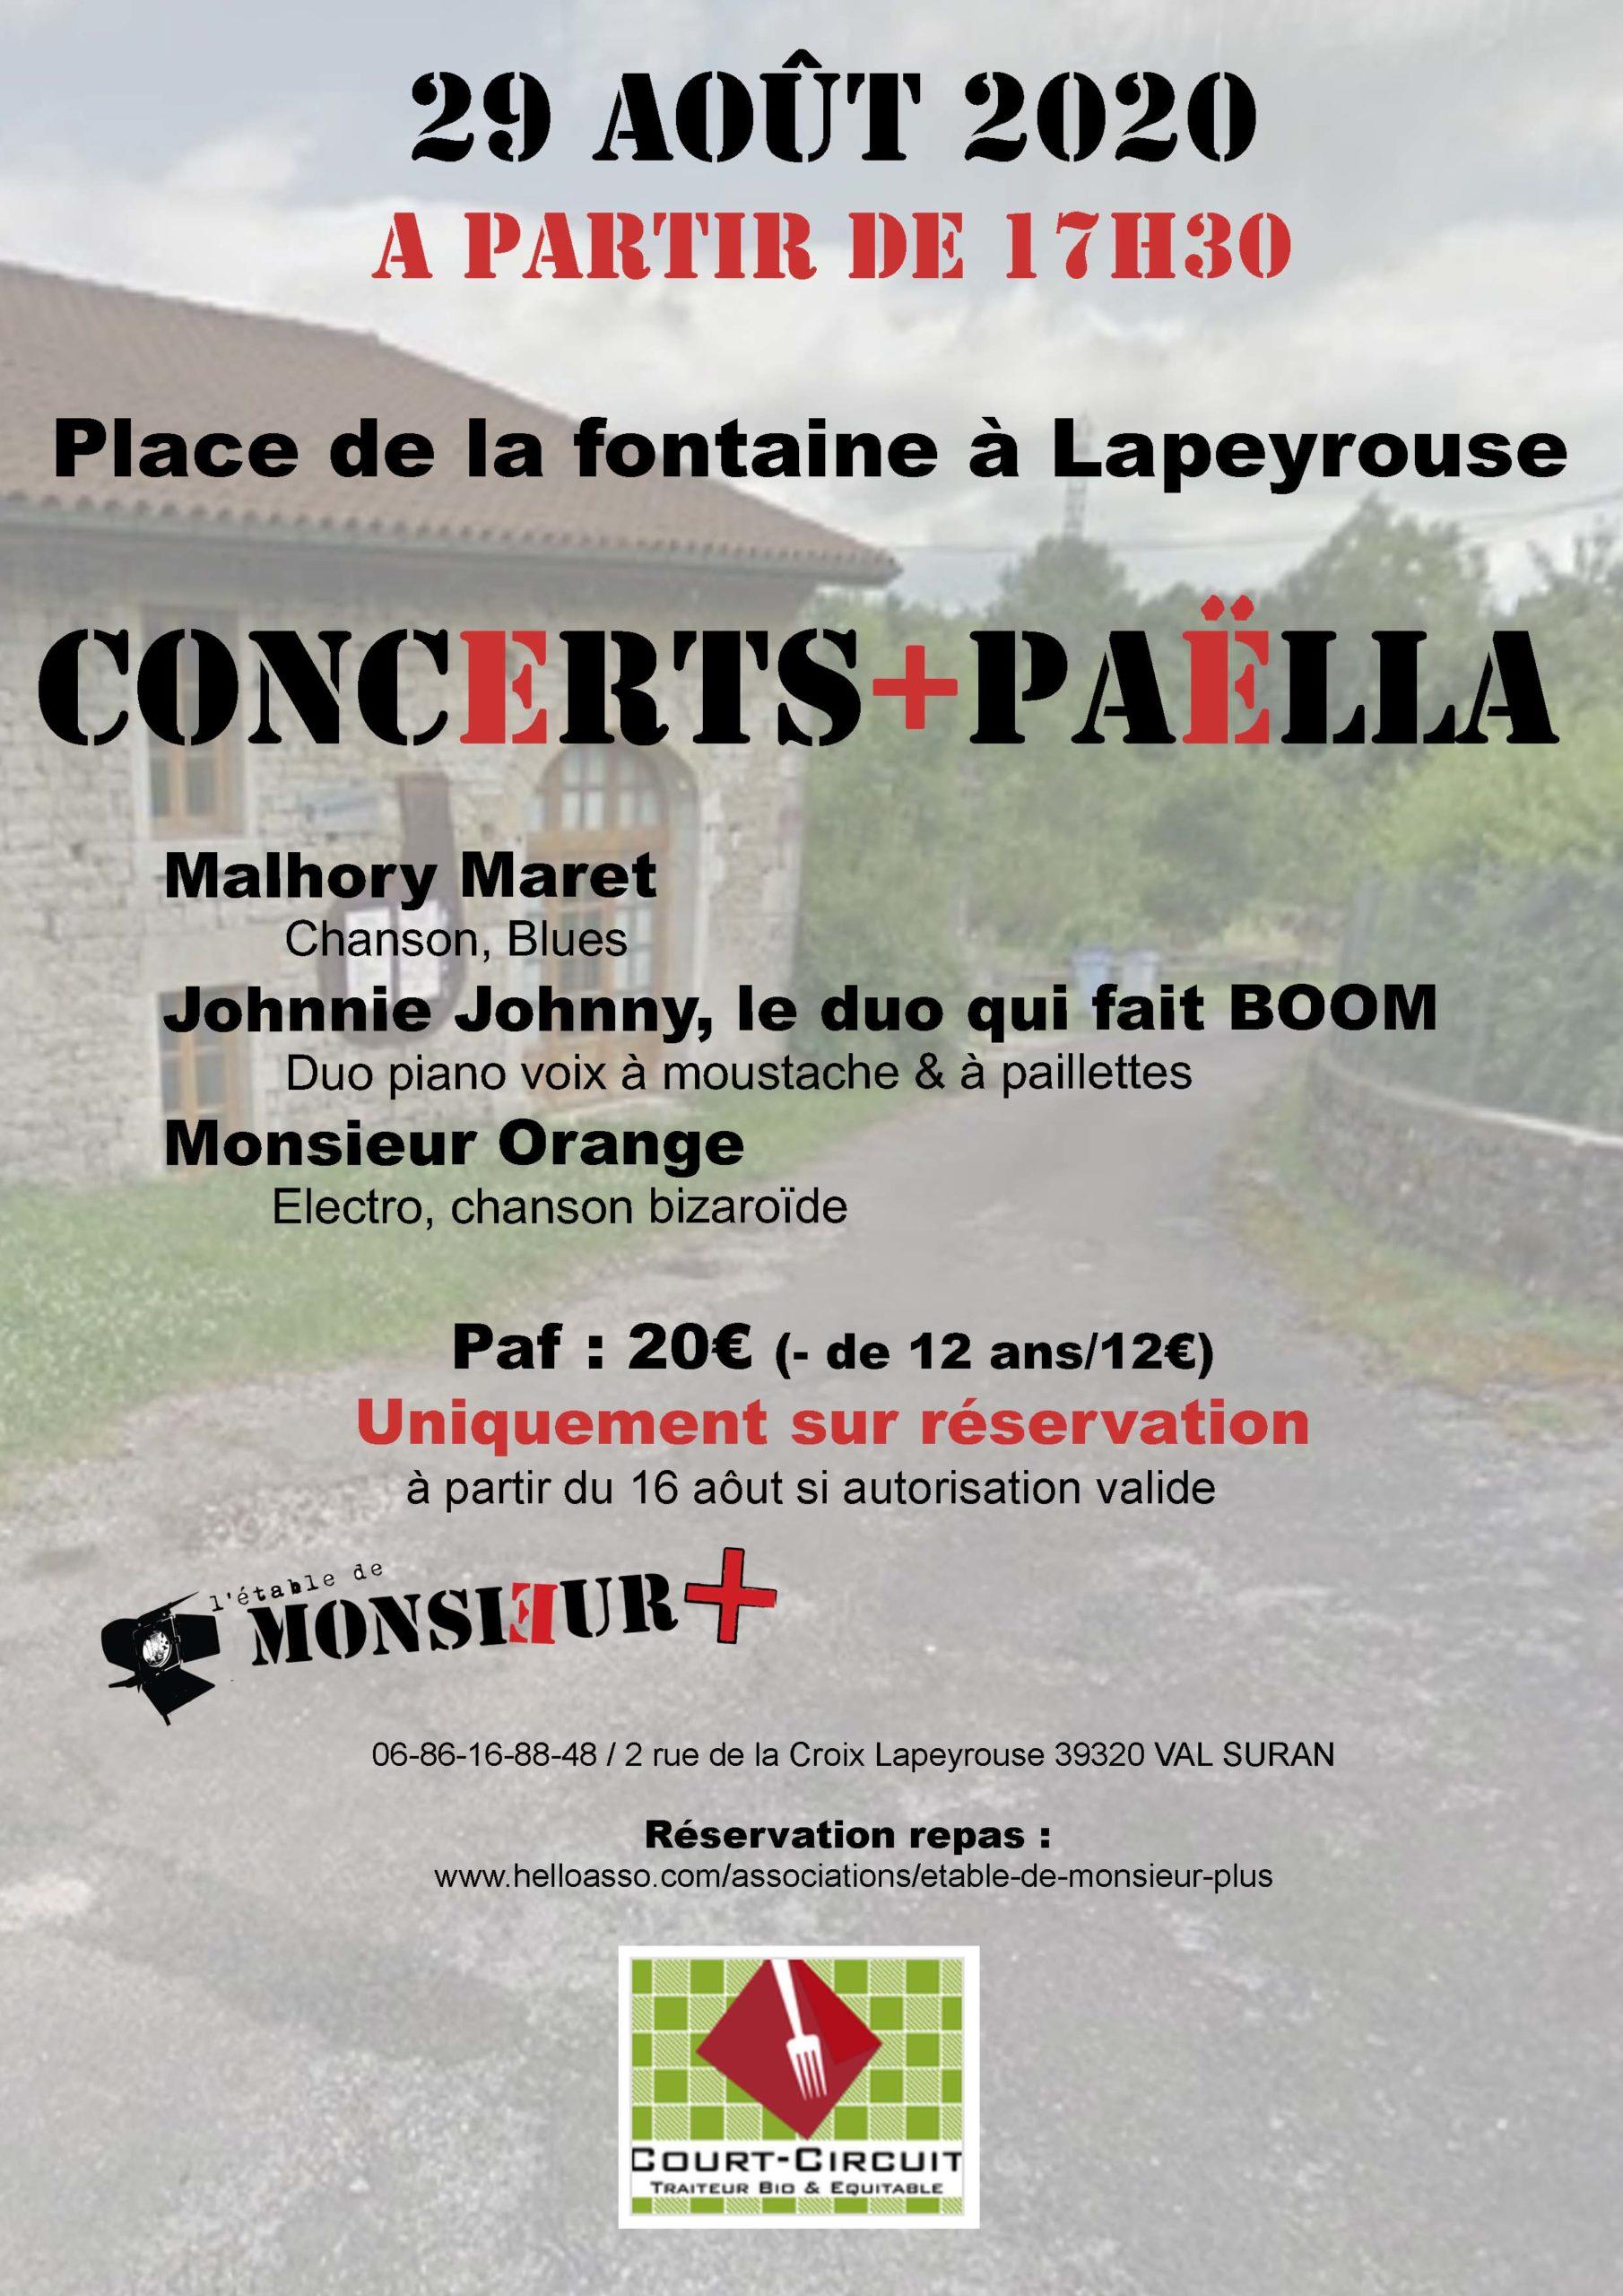 Annonce Concert+Paella 29-08-2020 Monsieur Plus